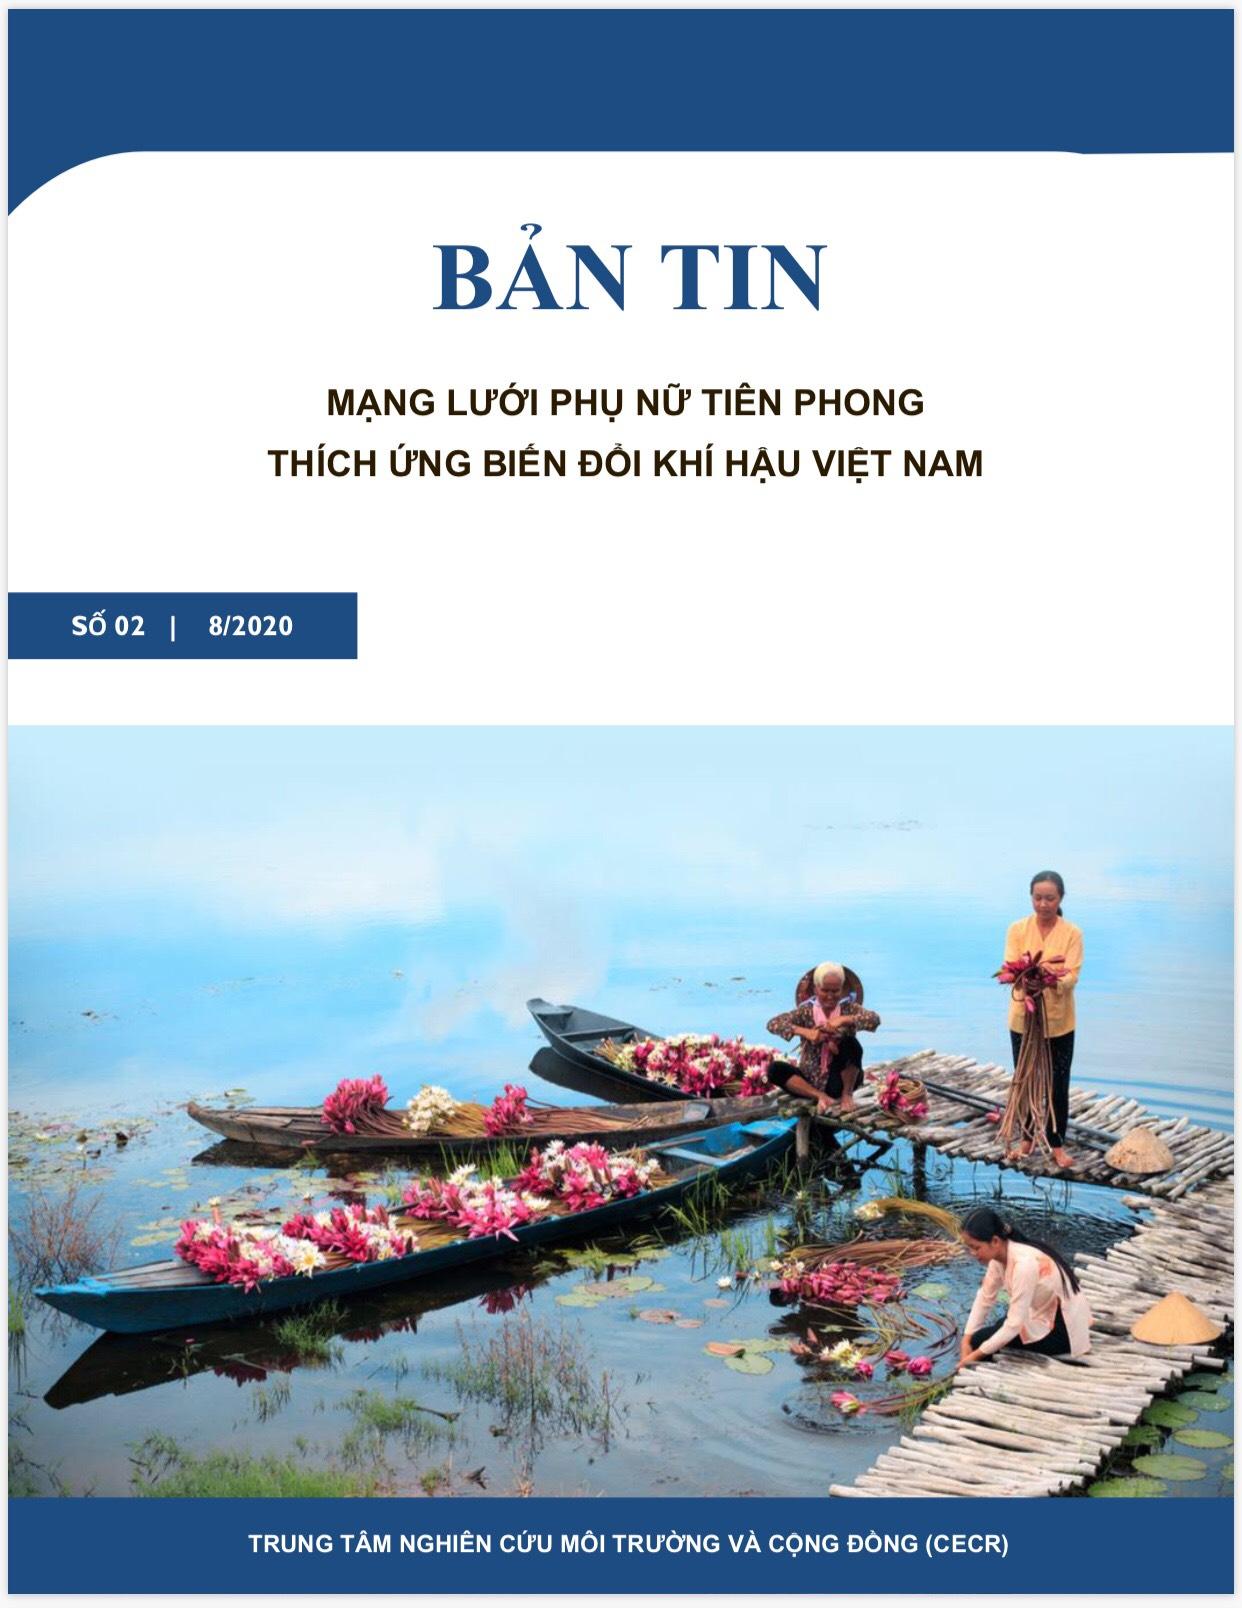 Bản tin điện tử Mạng lưới Phụ nữ Tiên phong Thích ứng BĐKH Việt Nam 02 tháng 8/2020